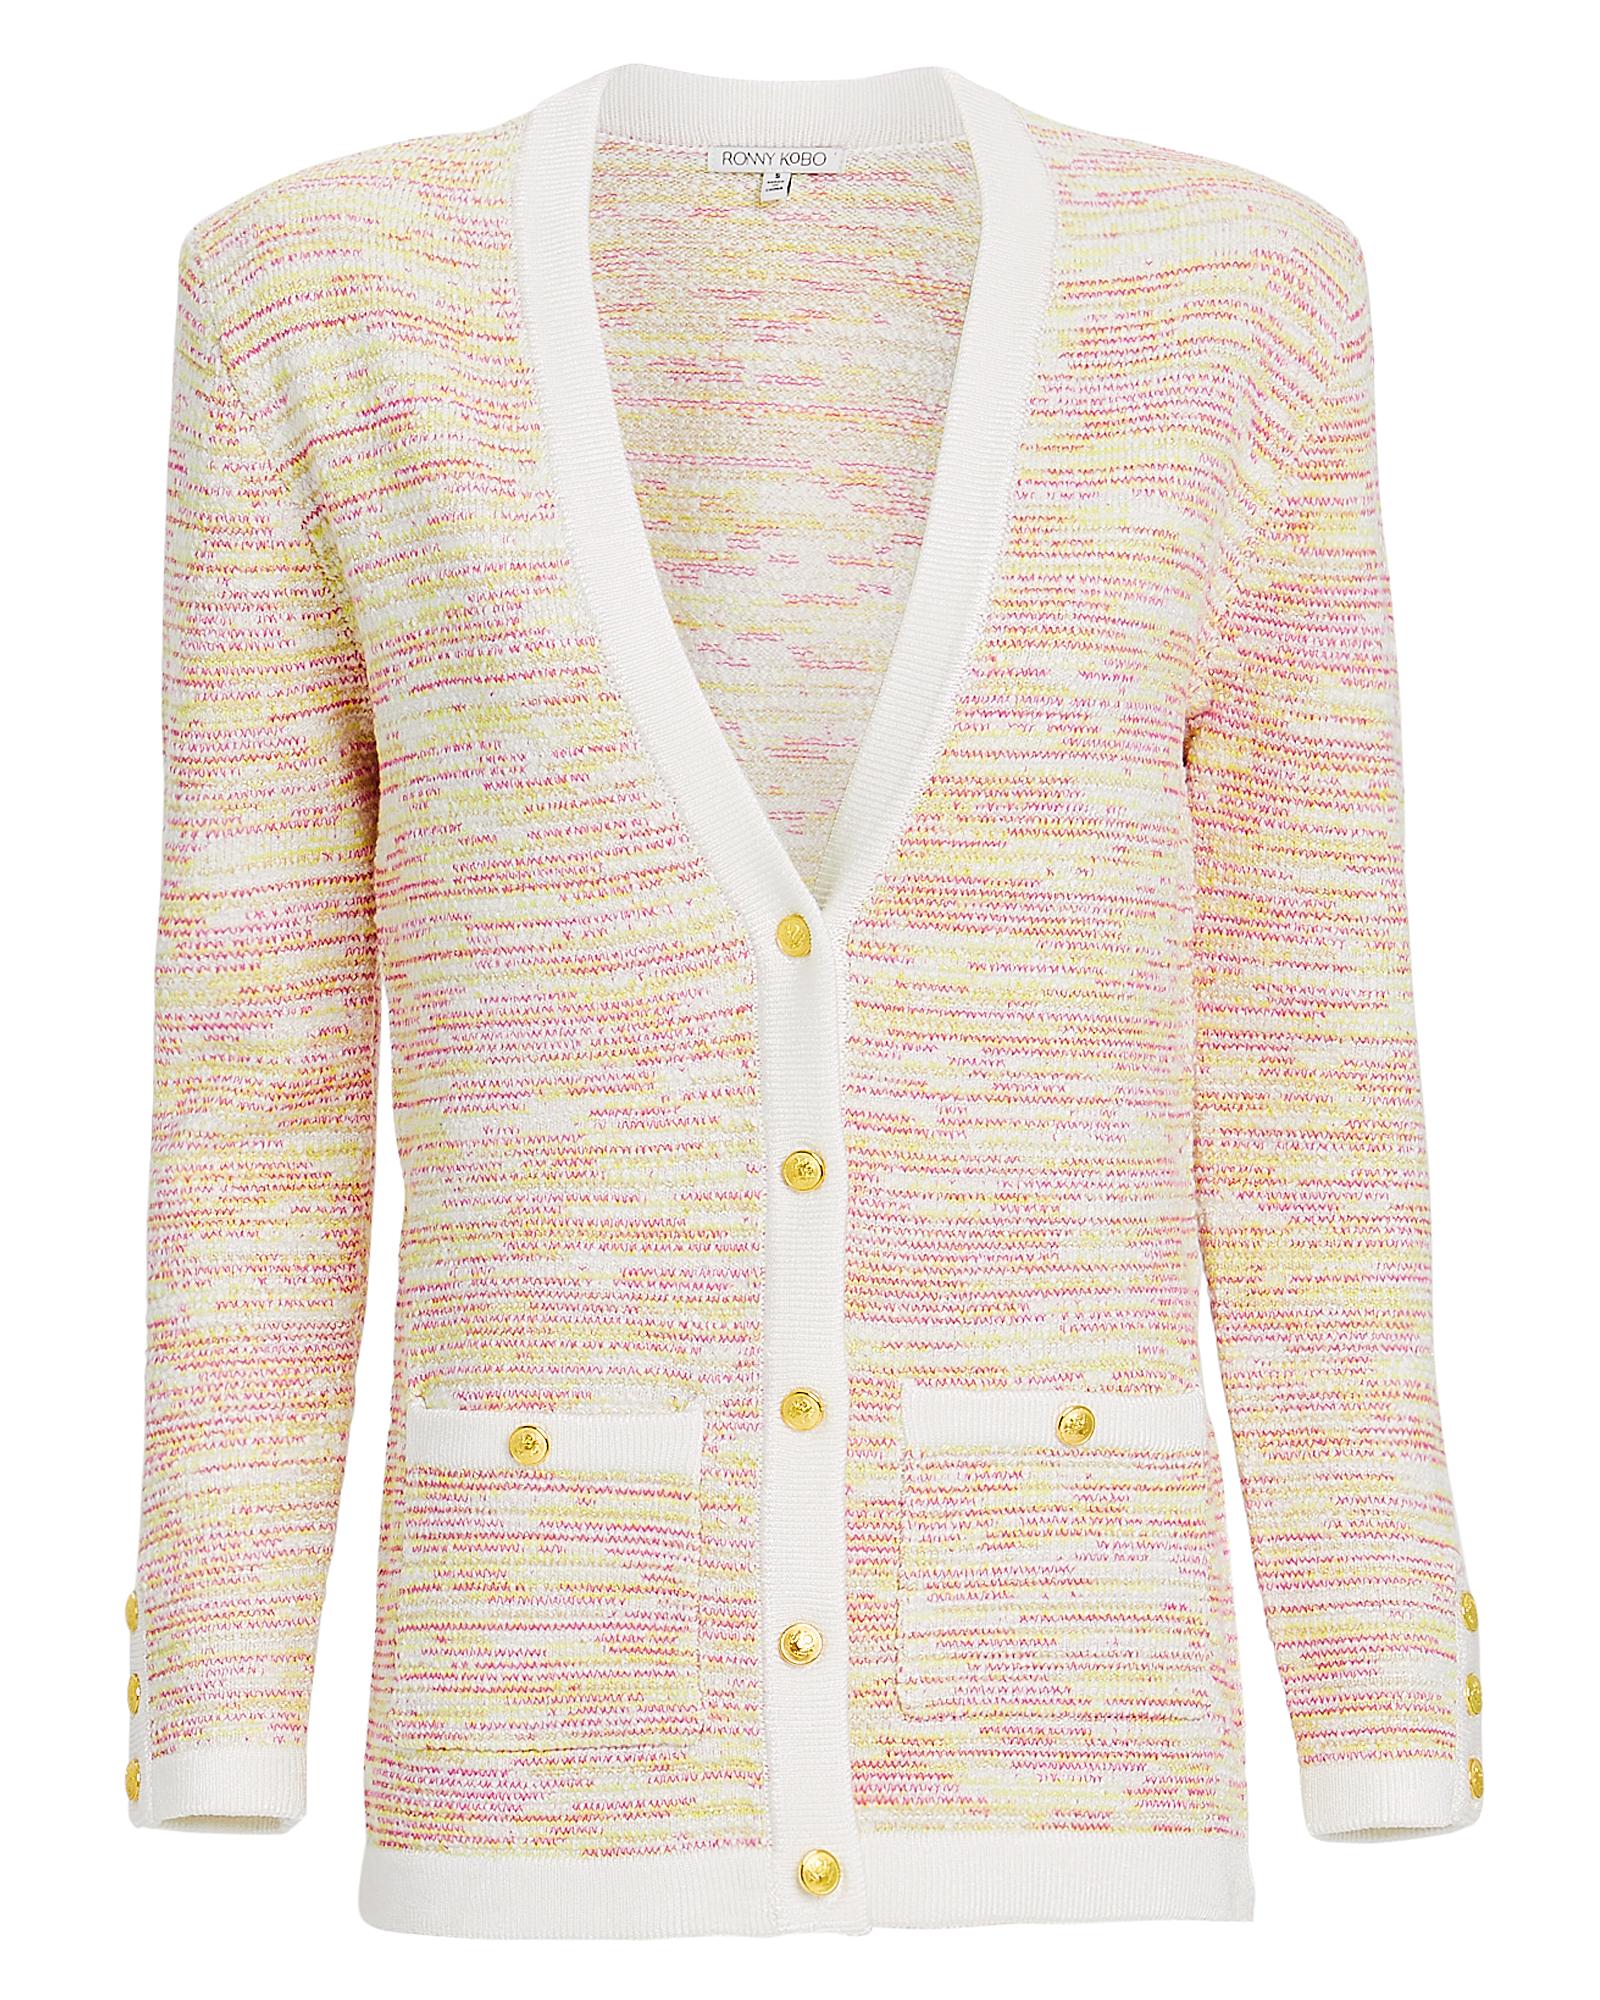 TORN Ronny Kobo Chavri Tweed Cardigan Yellow/White/Tweed